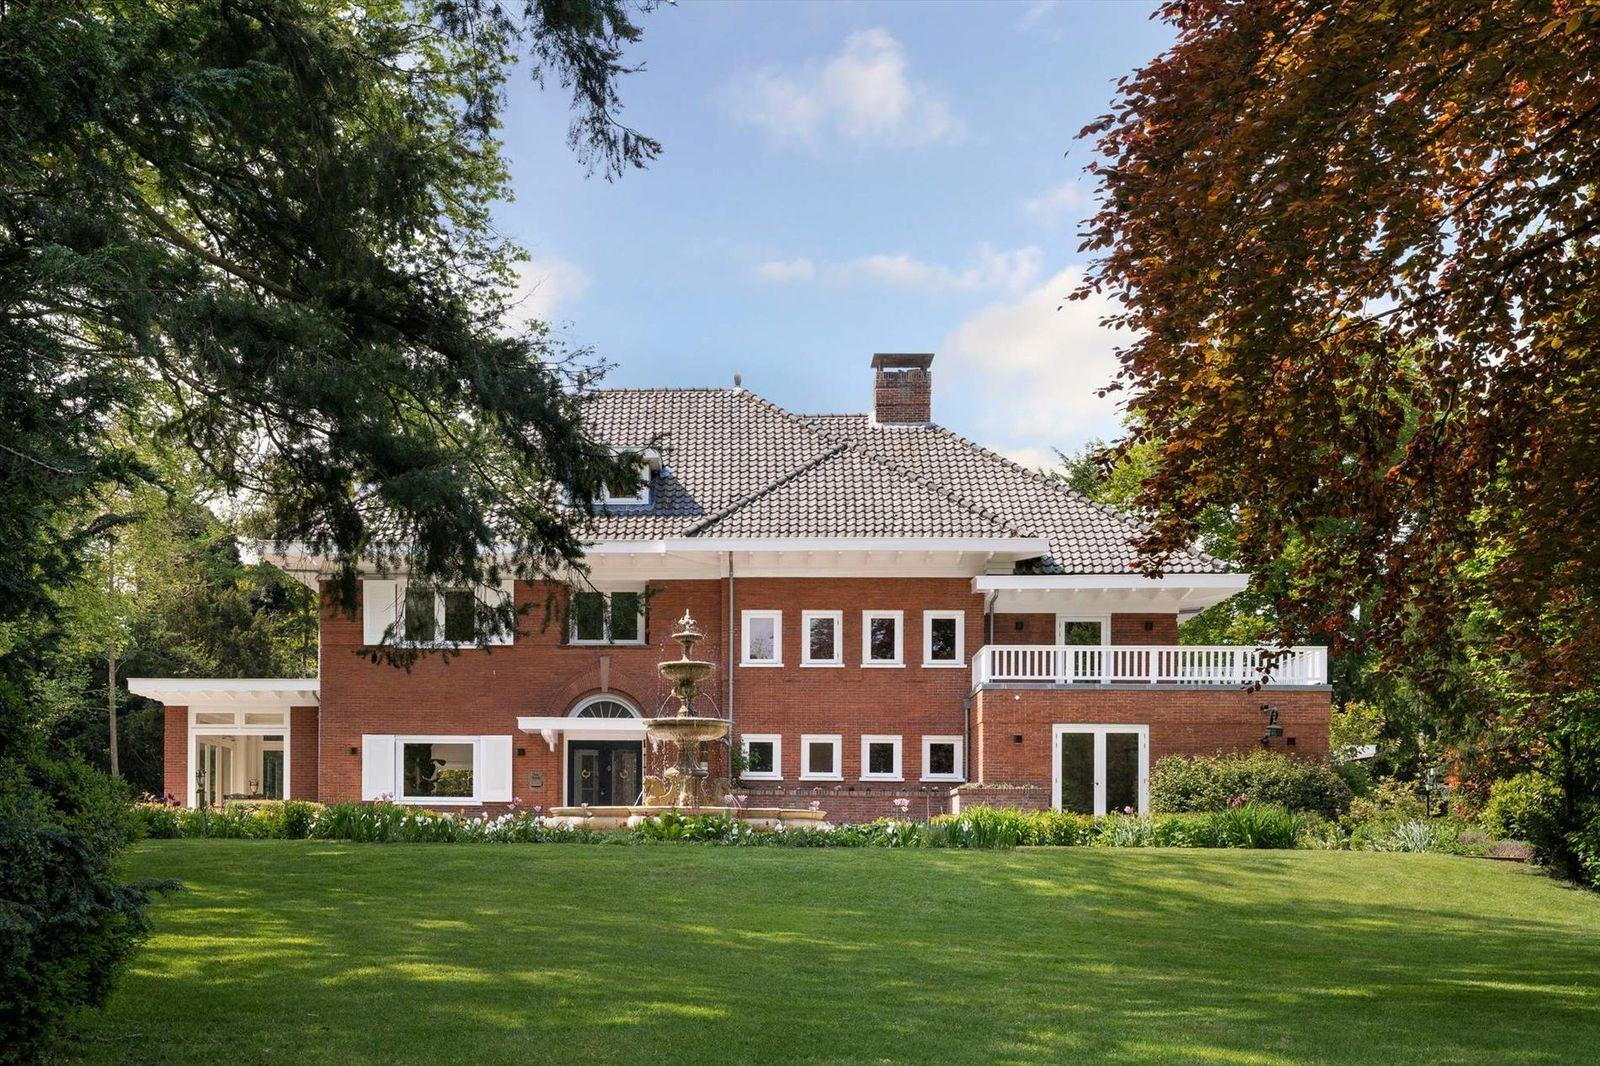 Koekoeksweg 1, Aerdenhout